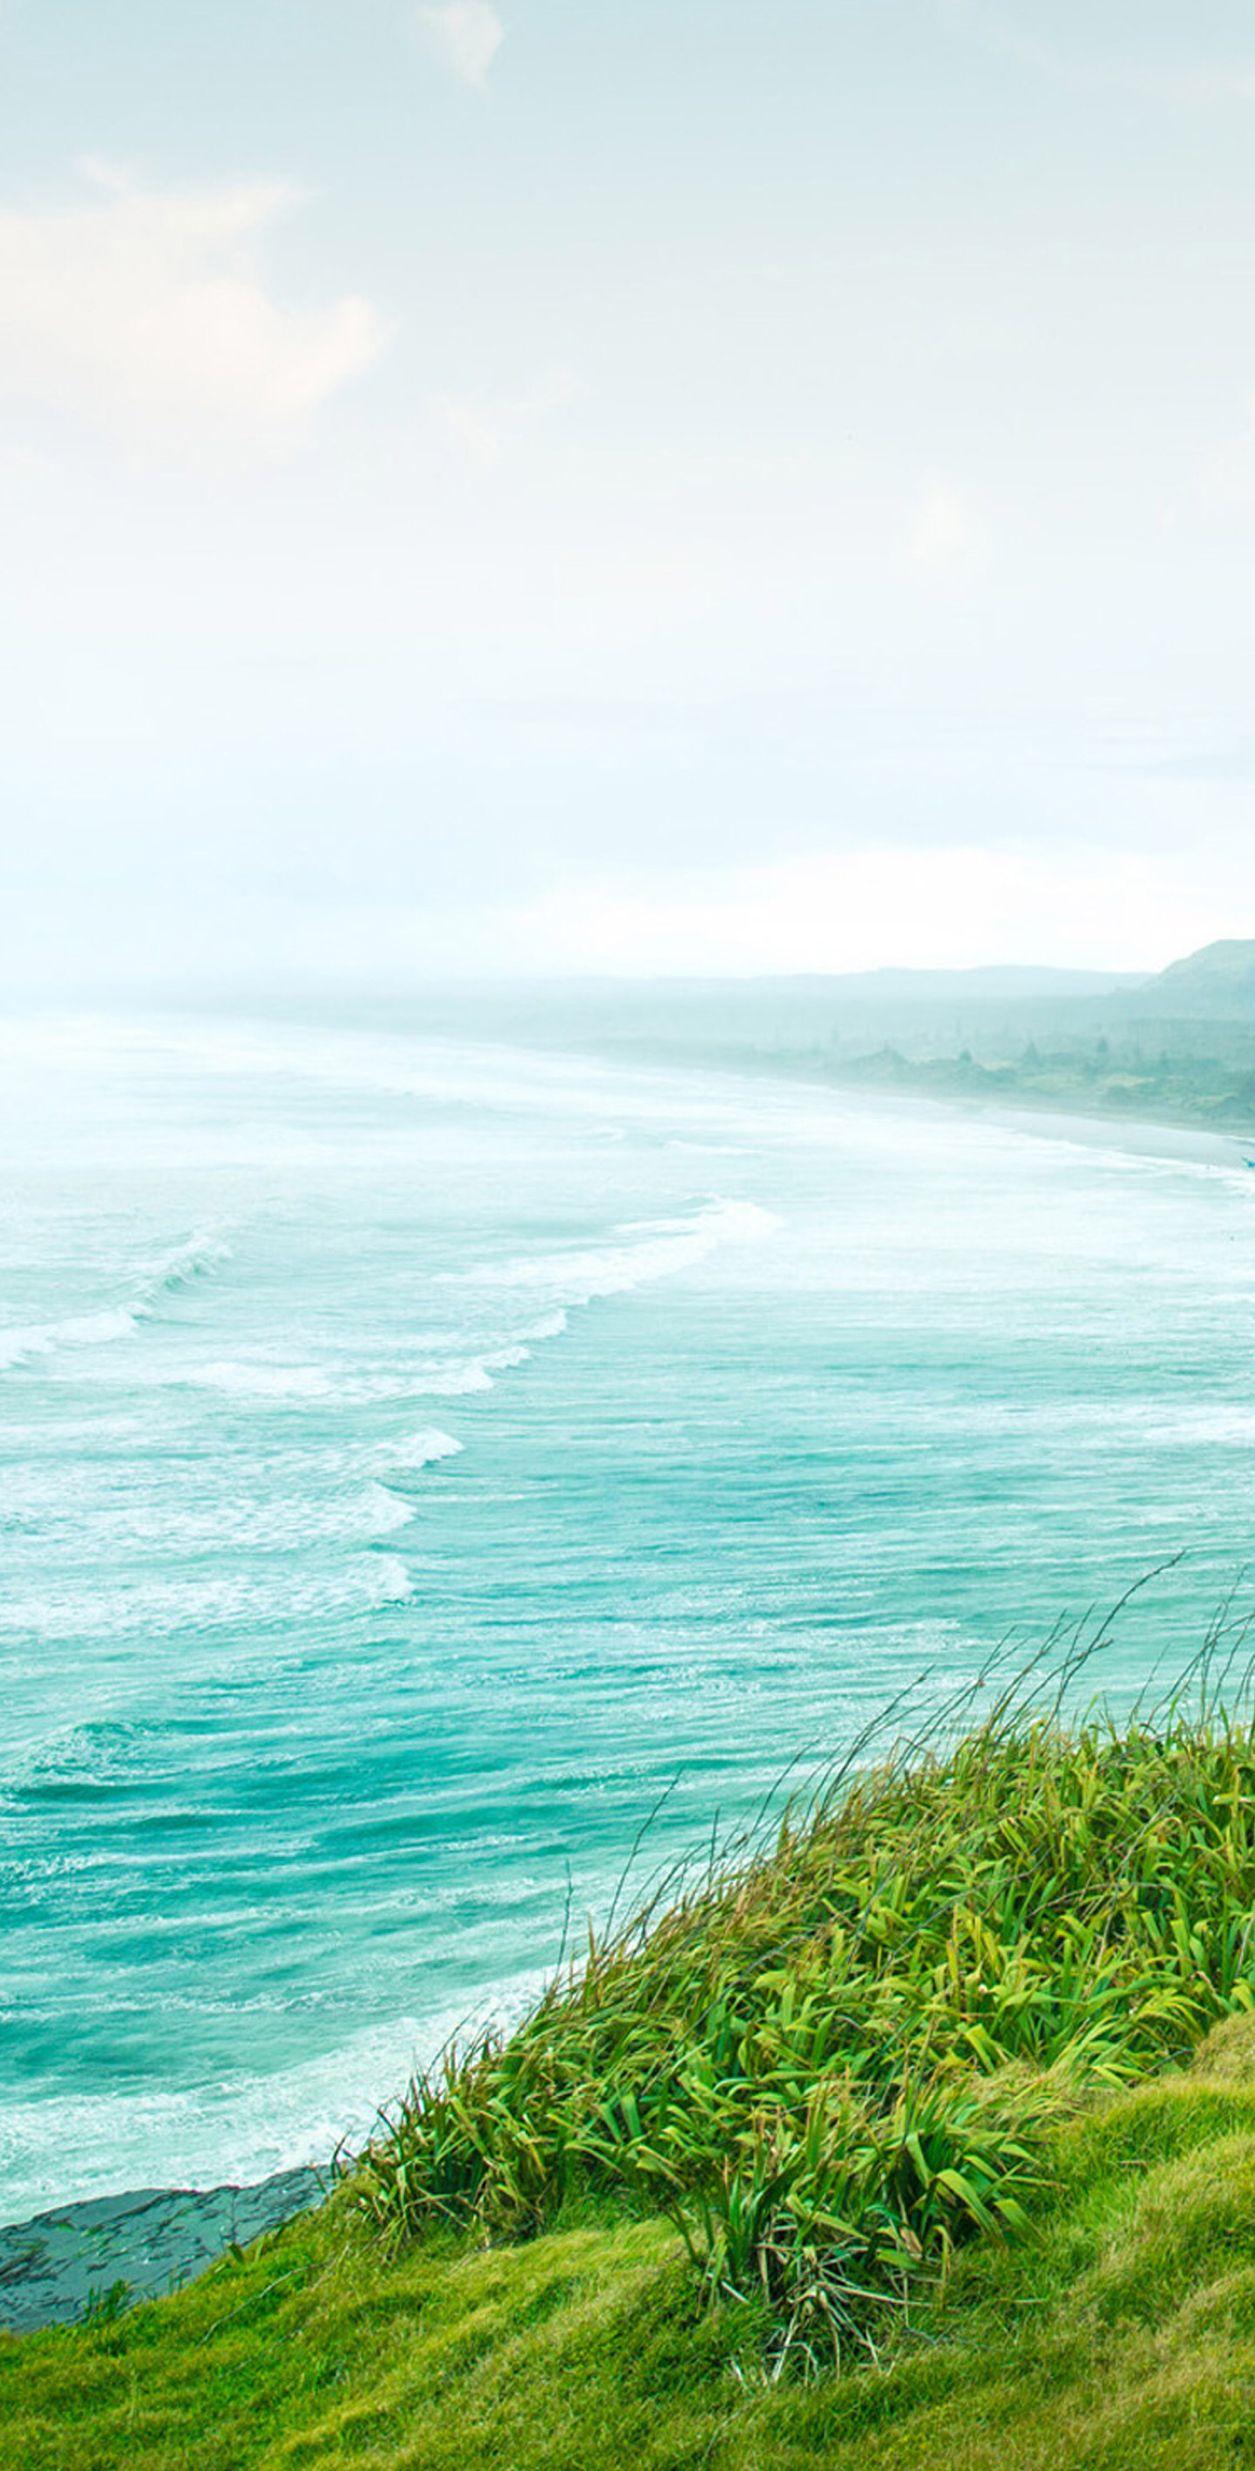 Green, grass, ocean, sea, cliffs, wallpaper, galaxy